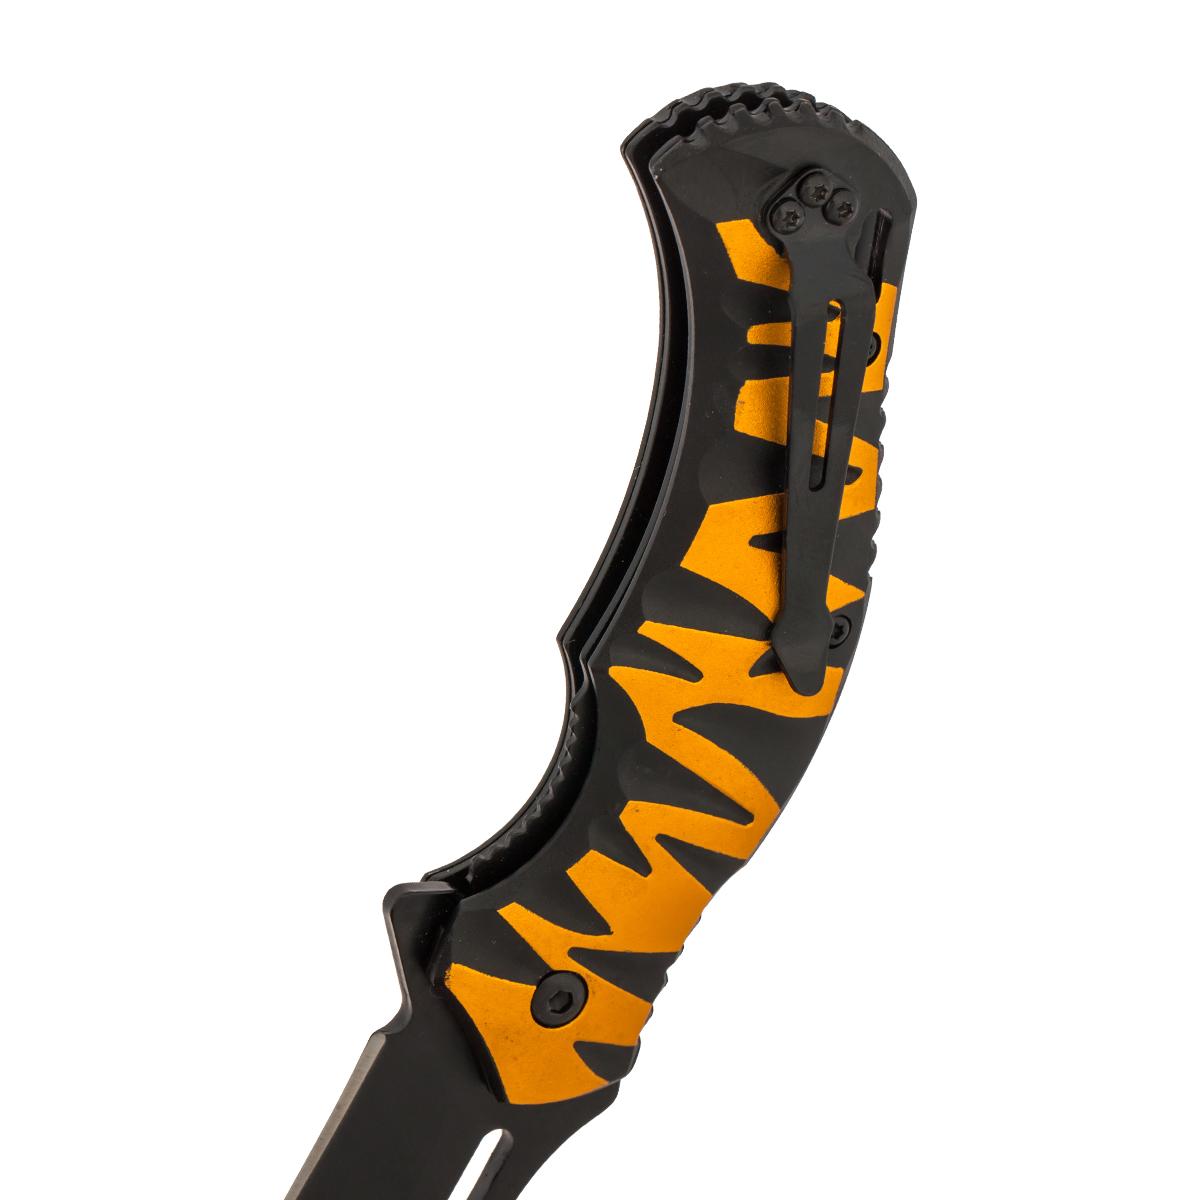 Складной нож Crossnar Racha 11035 - заказать оптом